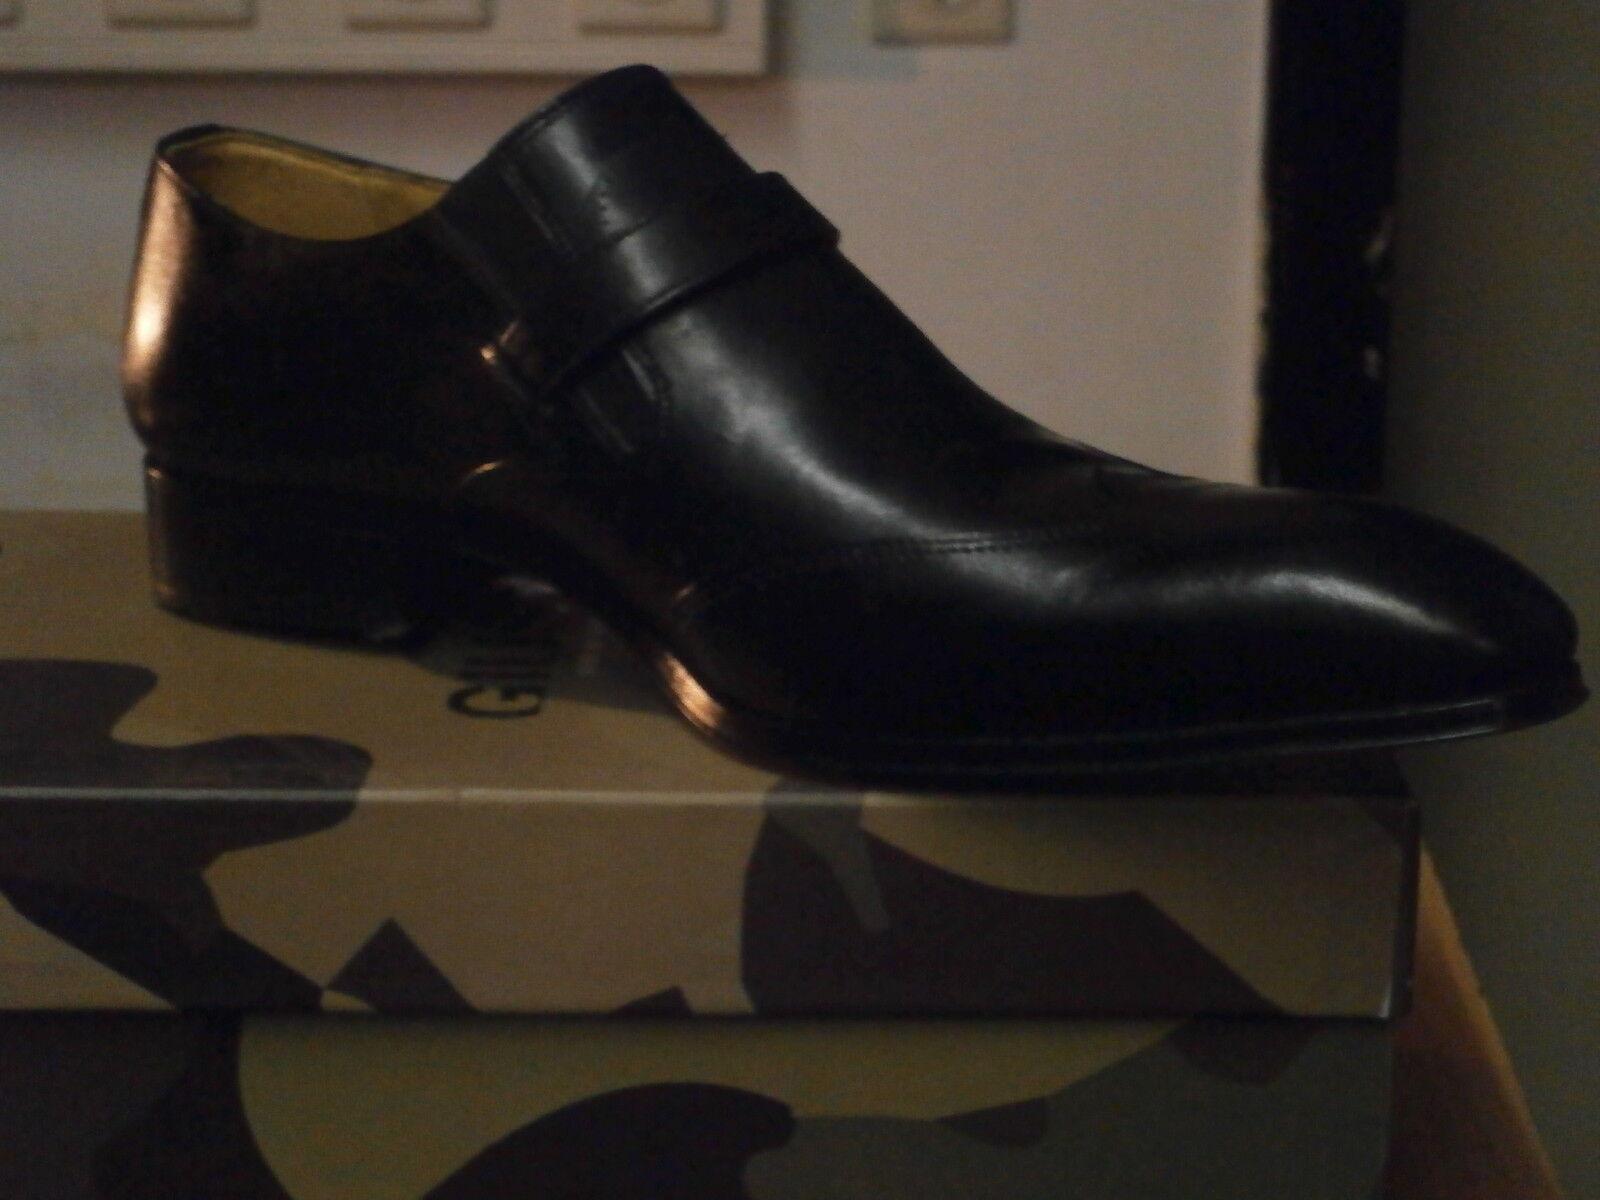 Herren schuhe / Italian shoes, GUISY / DAVID VITALE Elegante spezial schuhe.